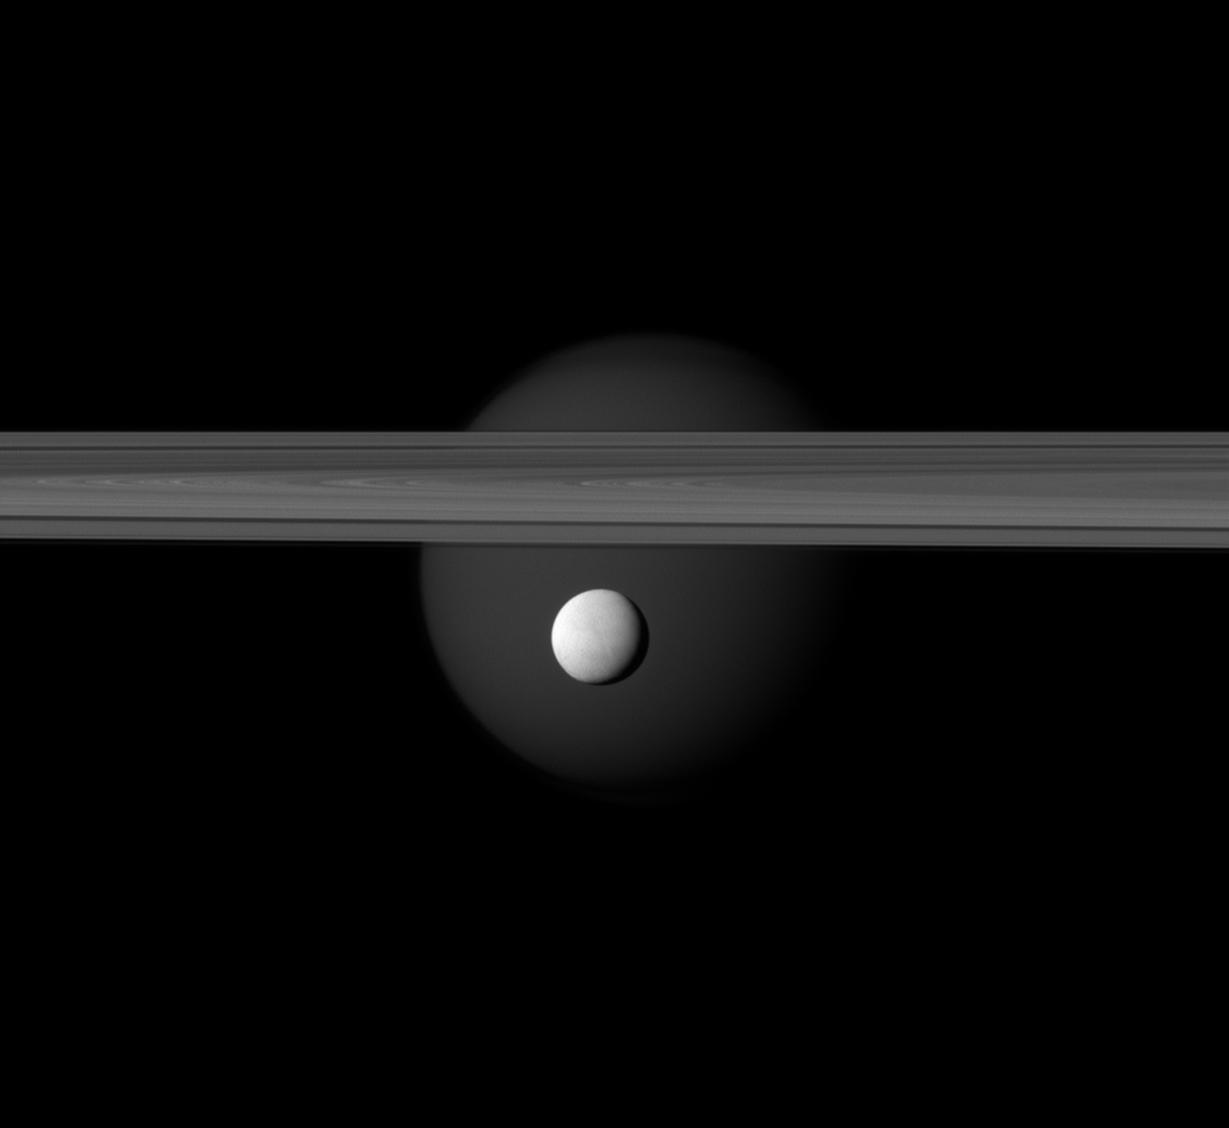 Particolare con il luminoso Encelado in primo piano, gli anelli di Saturno e sullo sfondo Titano. Credits: NASA